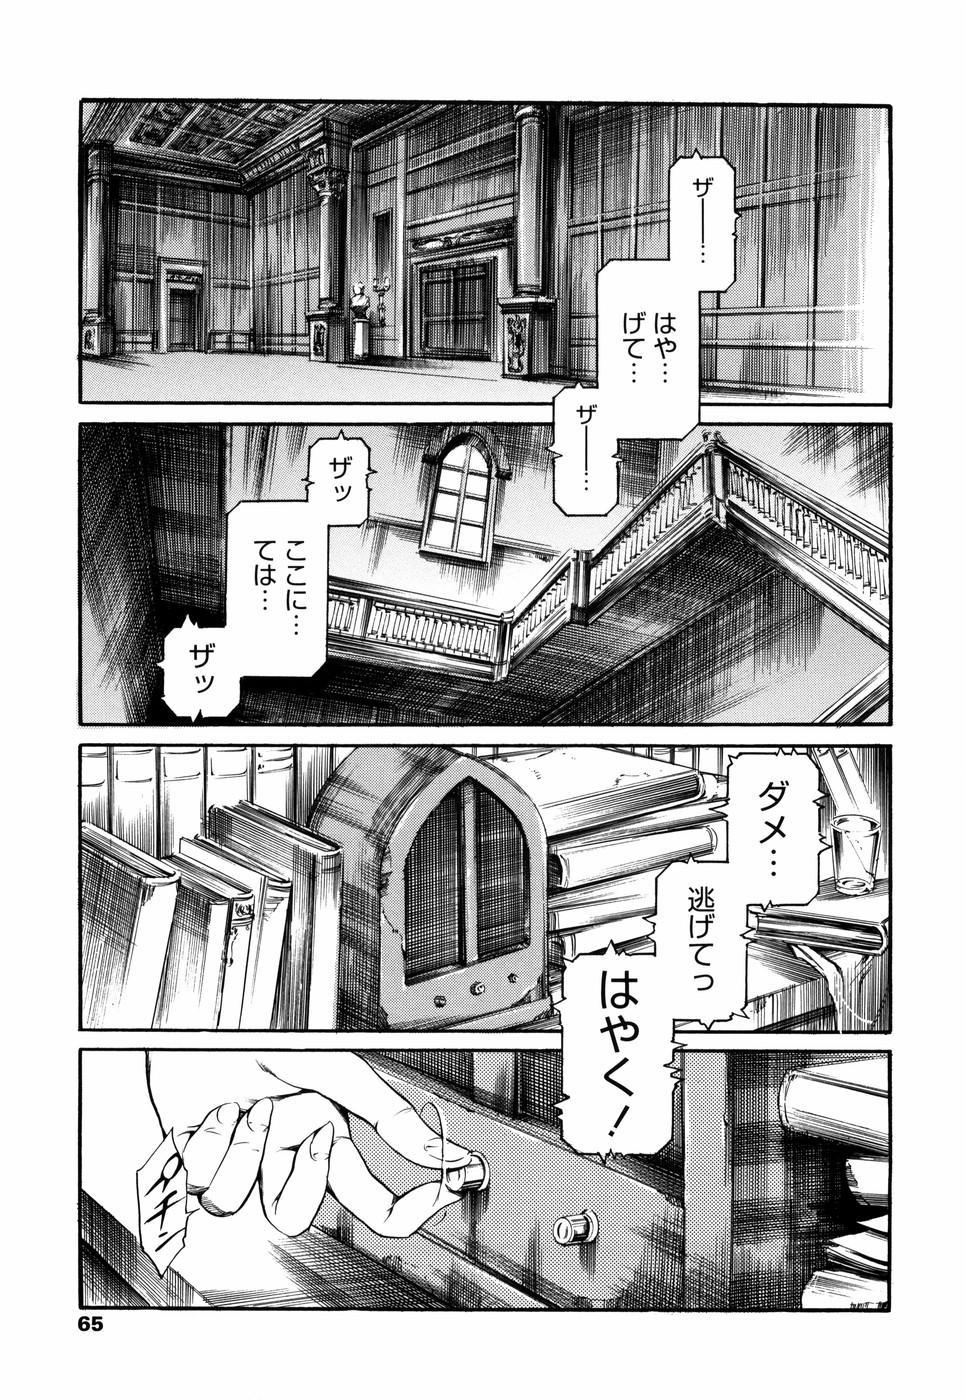 Island Ingyaku no Shou 68